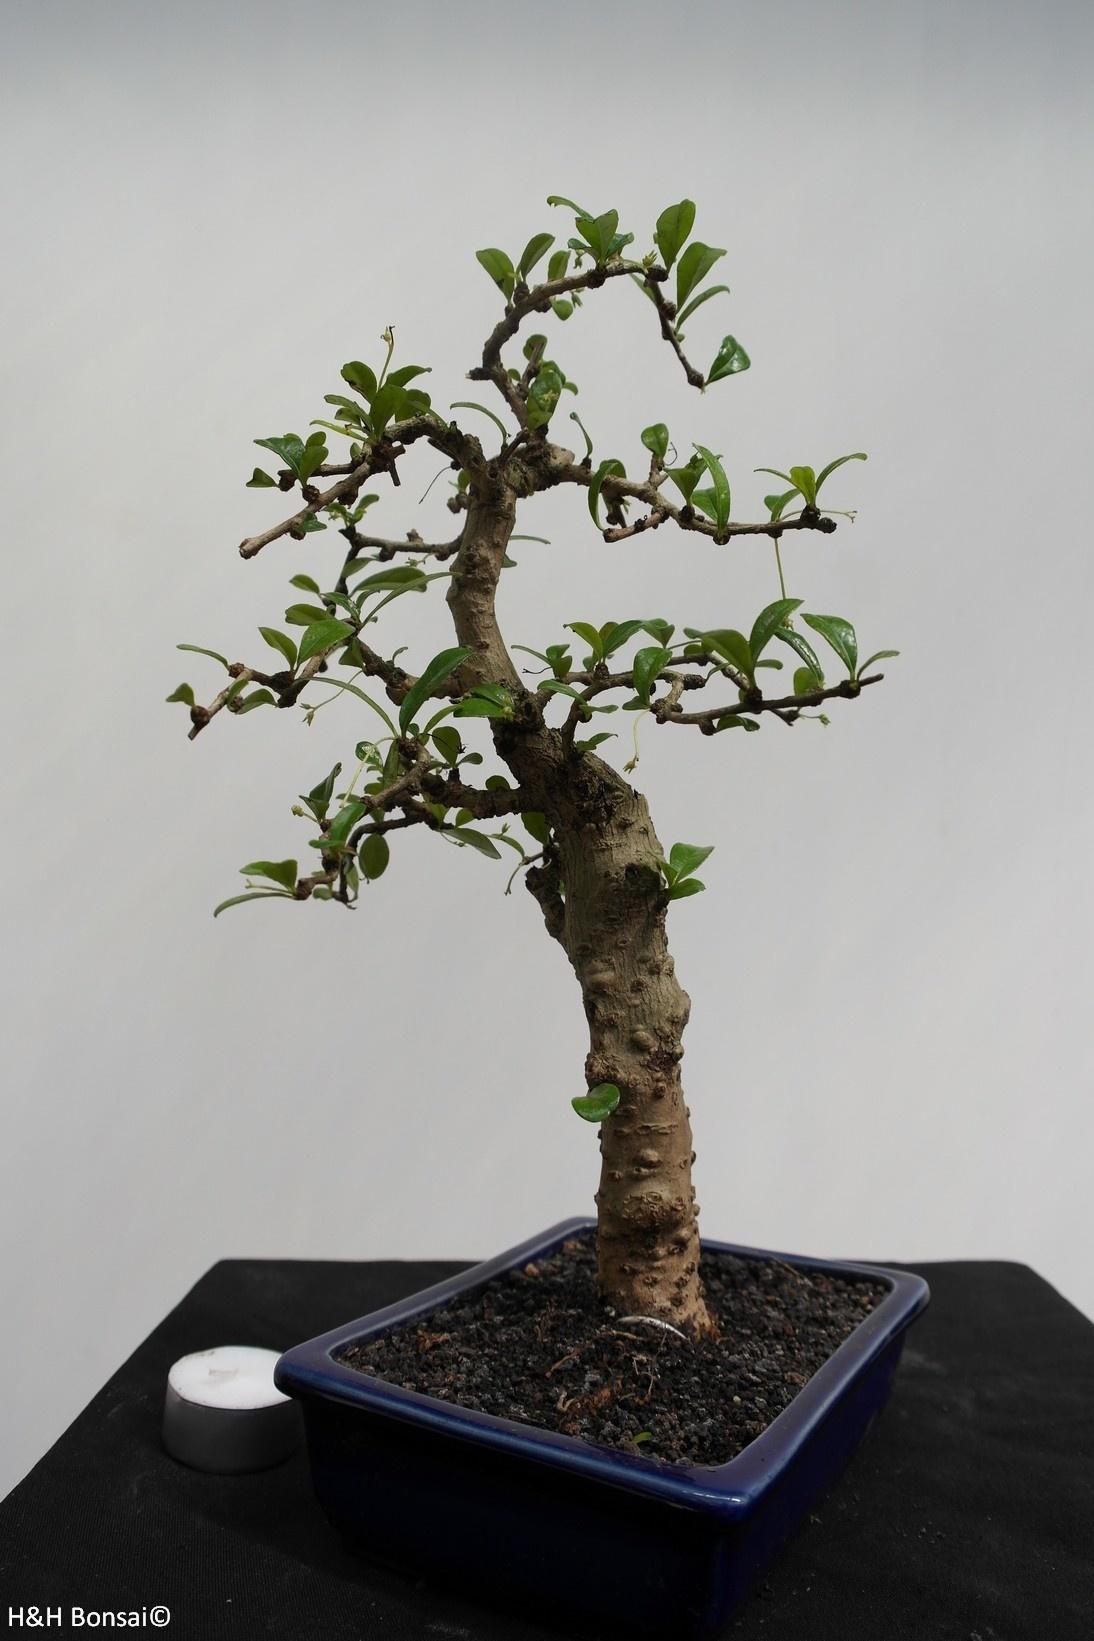 Bonsai Arbre à thé,Carmona macrophylla, no. 7866